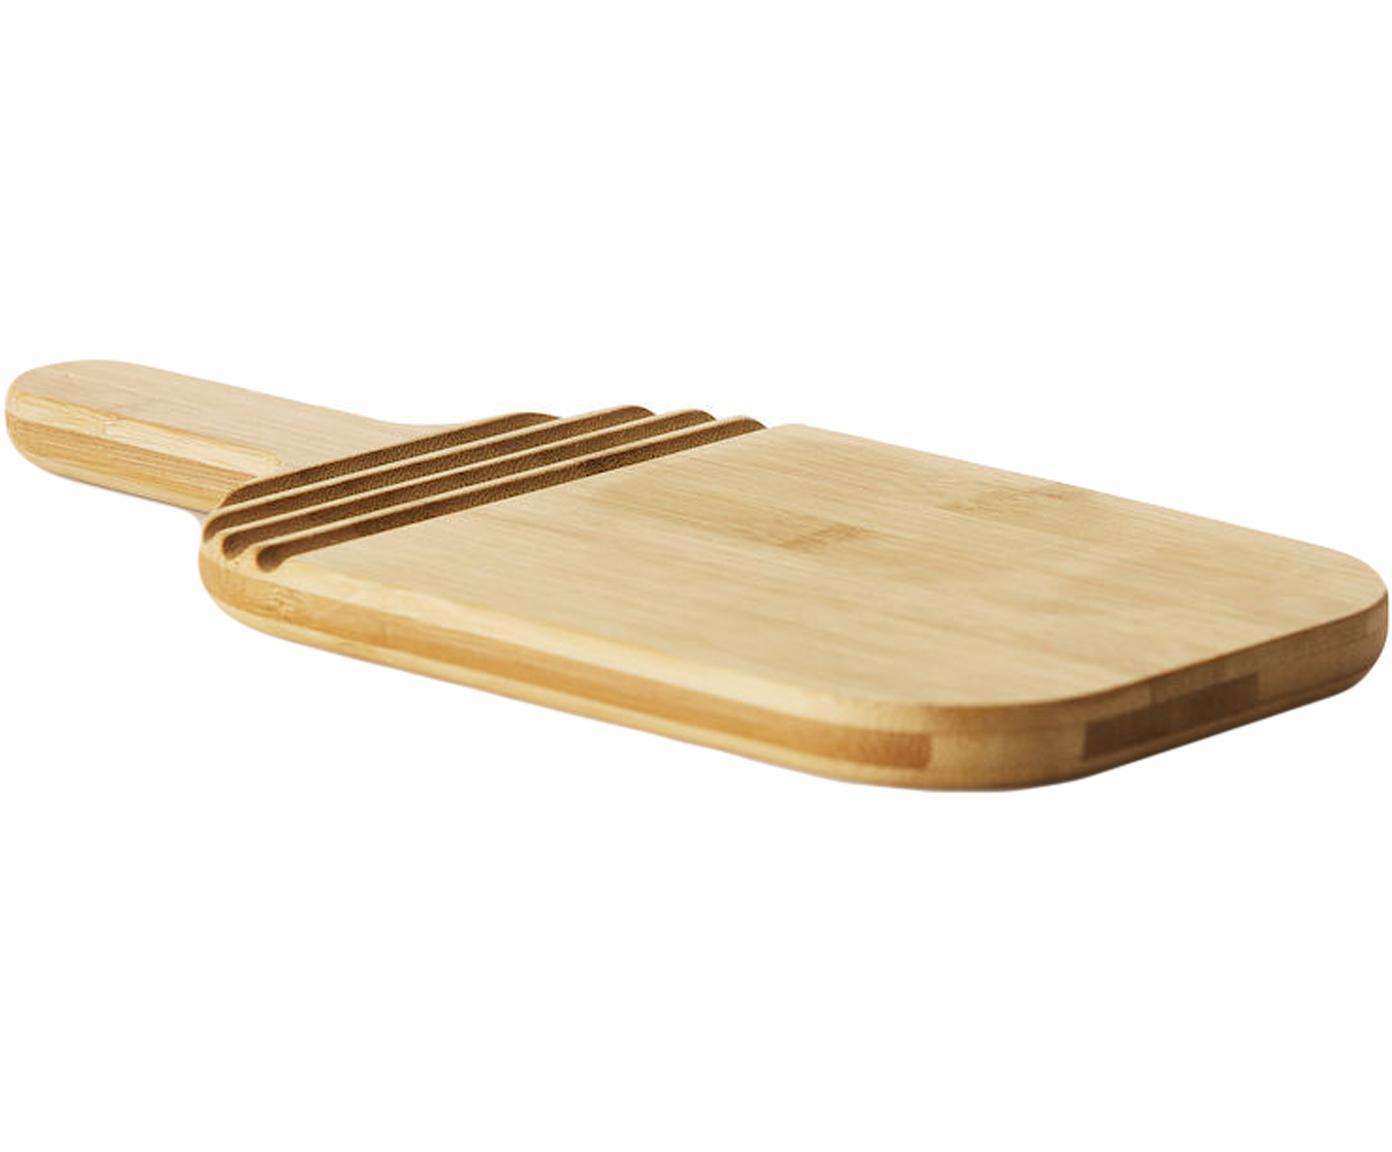 Deska do krojenia z  drewna bambusowego Monazi, Drewno bambusowe, Drewno bambusowe, S 27 x W 2 cm